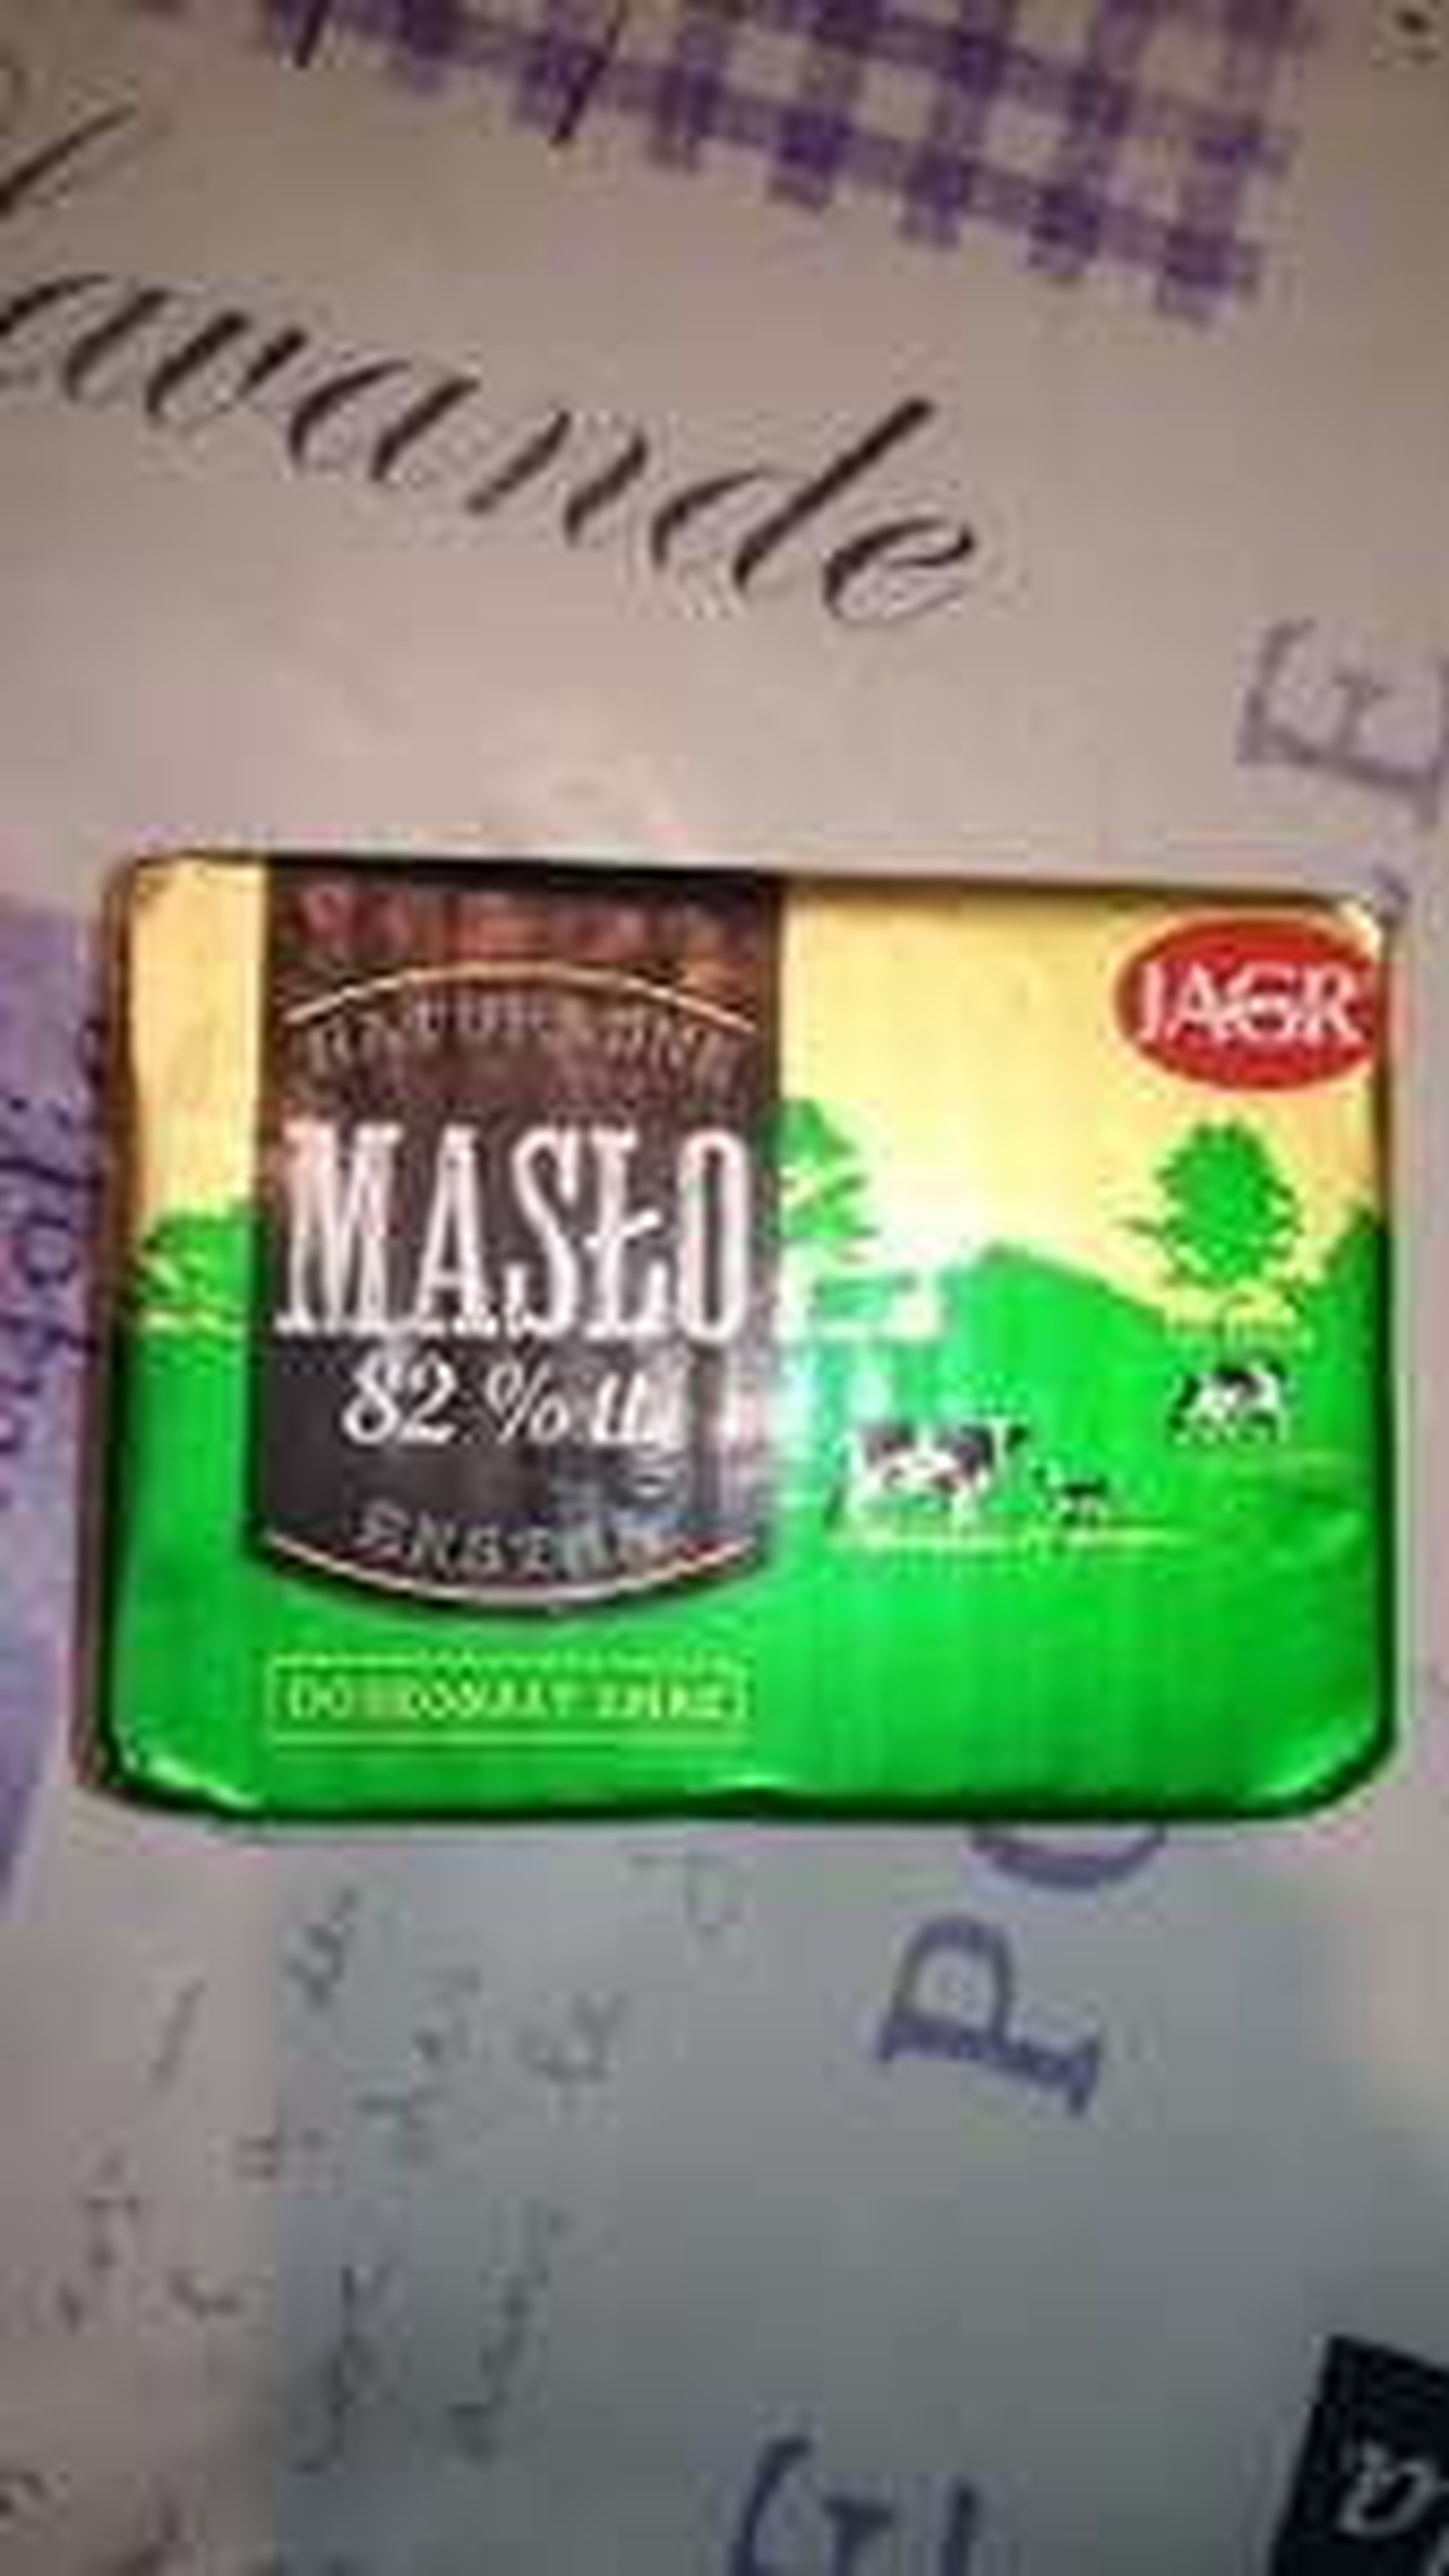 Masło ekstra kostka 200 gramów Jagr Kaufland